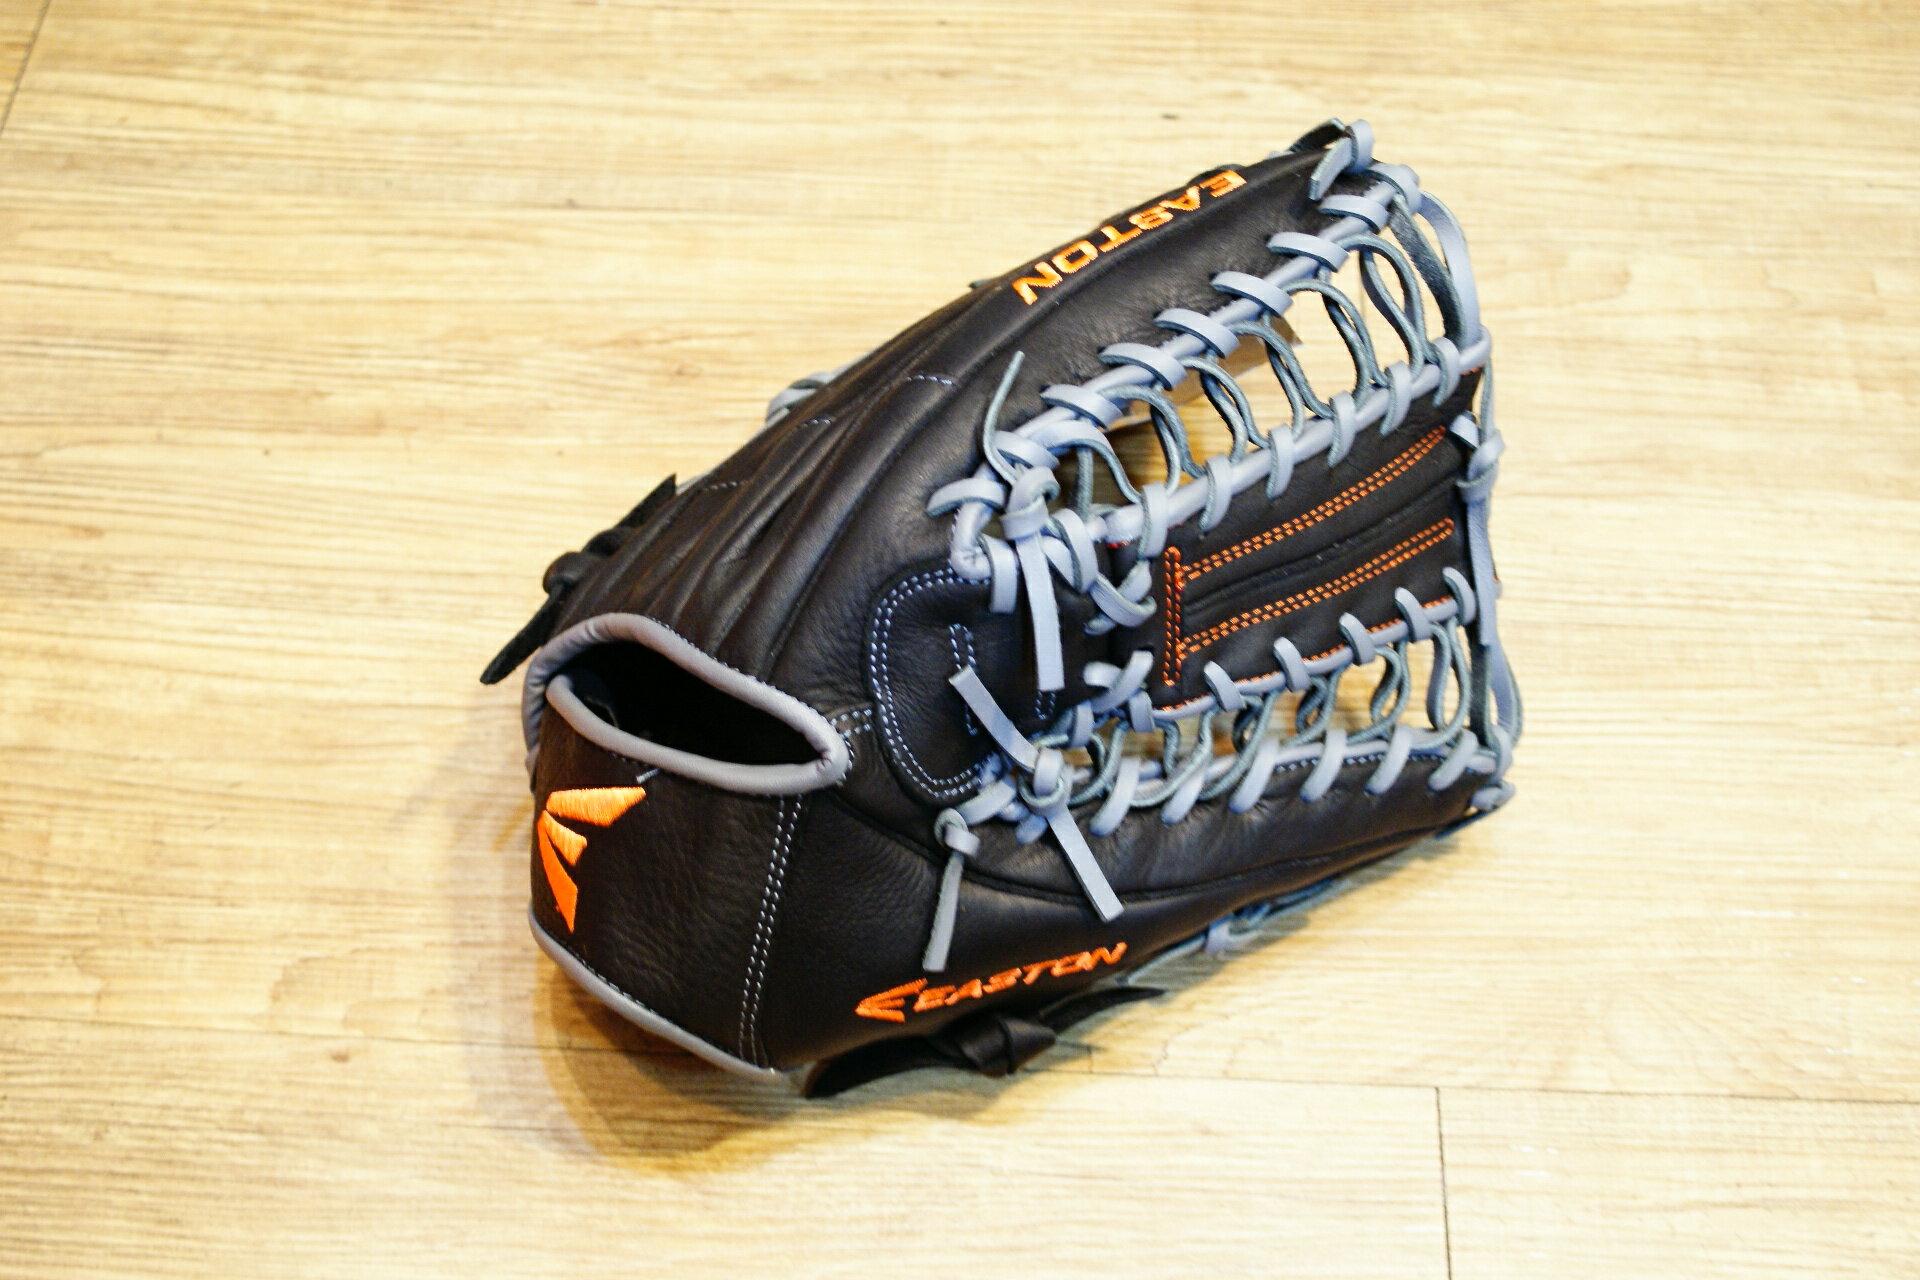 棒球世界 全新16年EASTON 美國進口牛皮外野手網狀手套 特價 黑灰配色